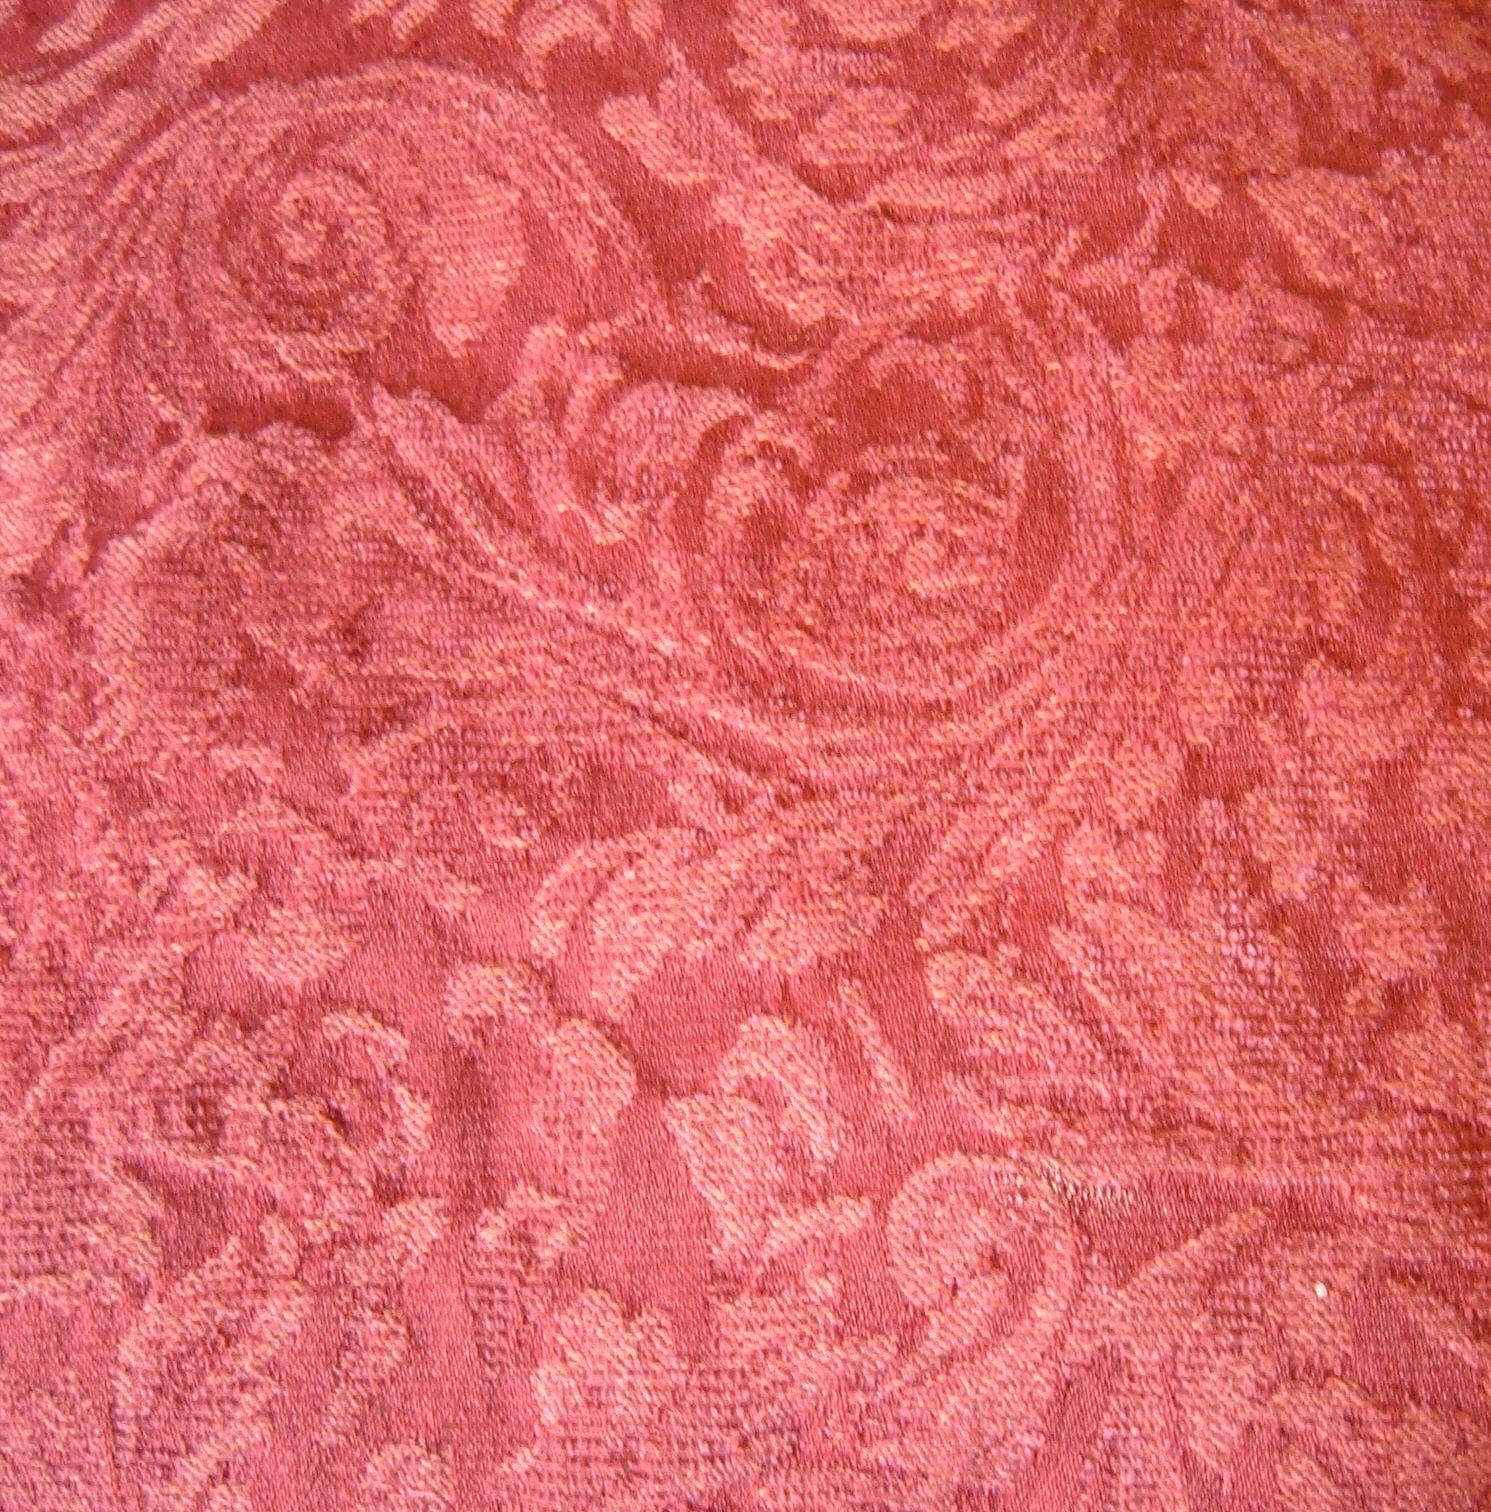 Velvet Textured Wallpaper Wallpaper Gallery